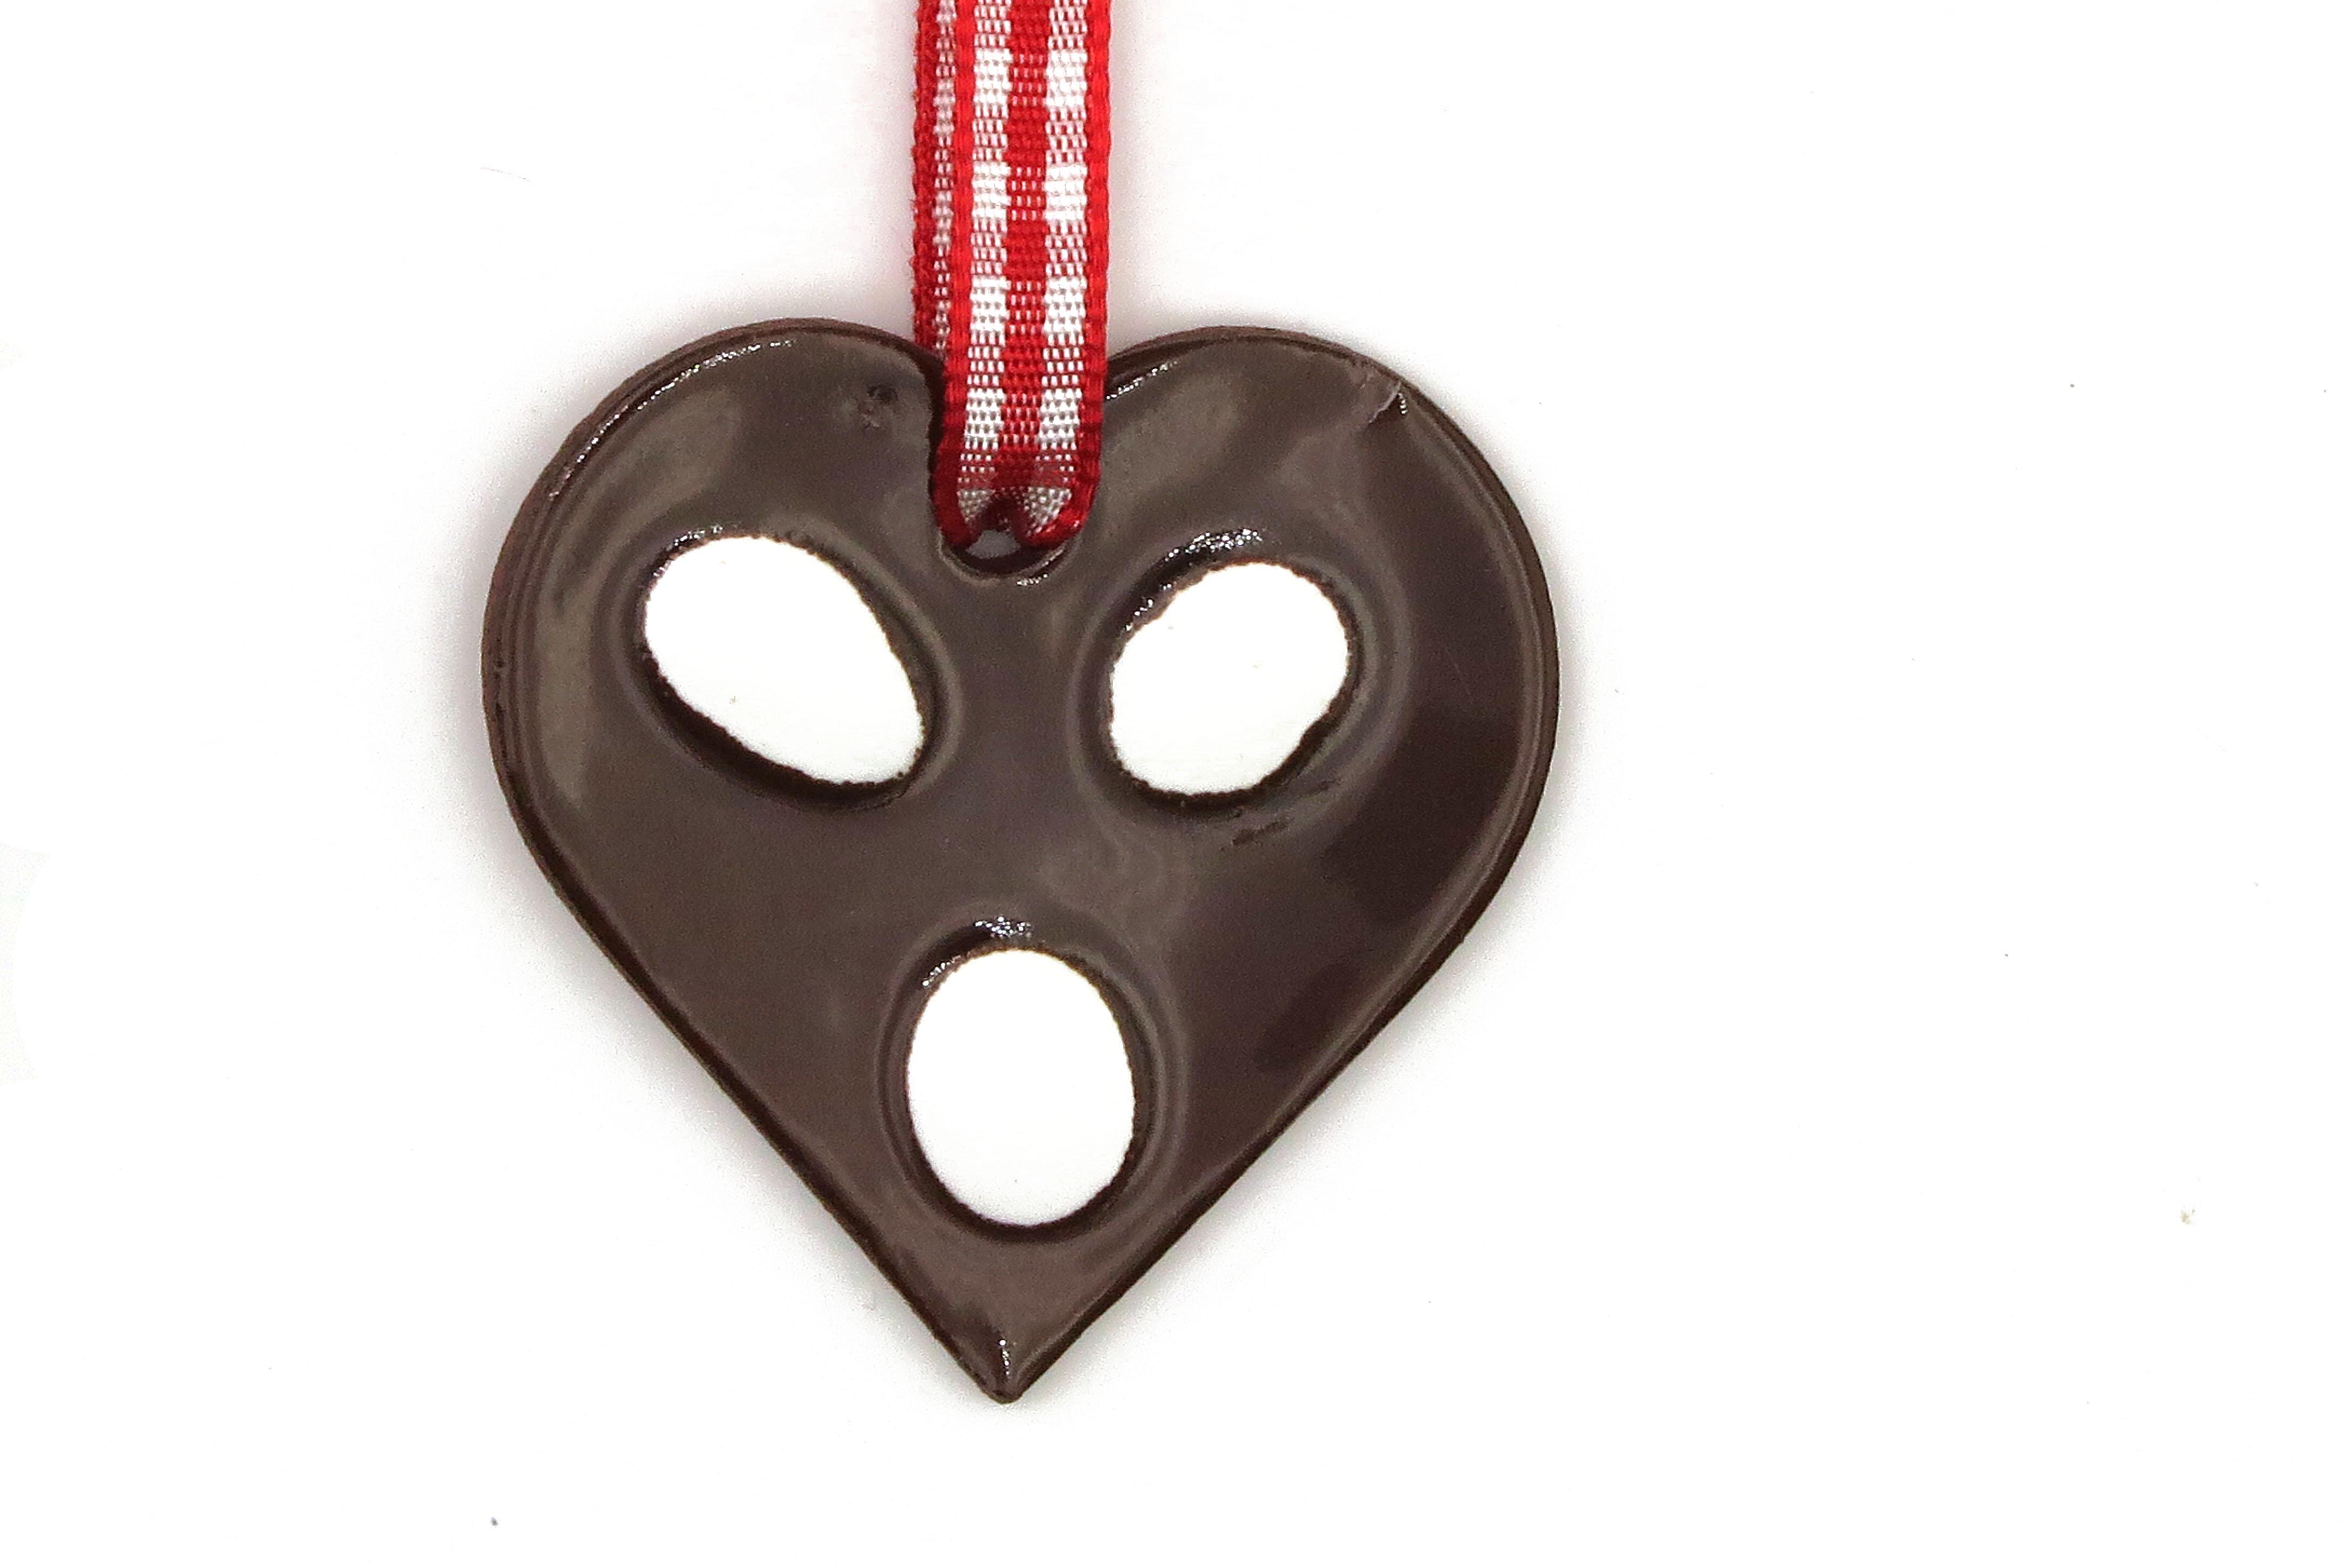 Schoko Lebkuchen Herz mit Zuckerguss Keramik Geschenk Anhänger Weihnachten/ M 4,5cm